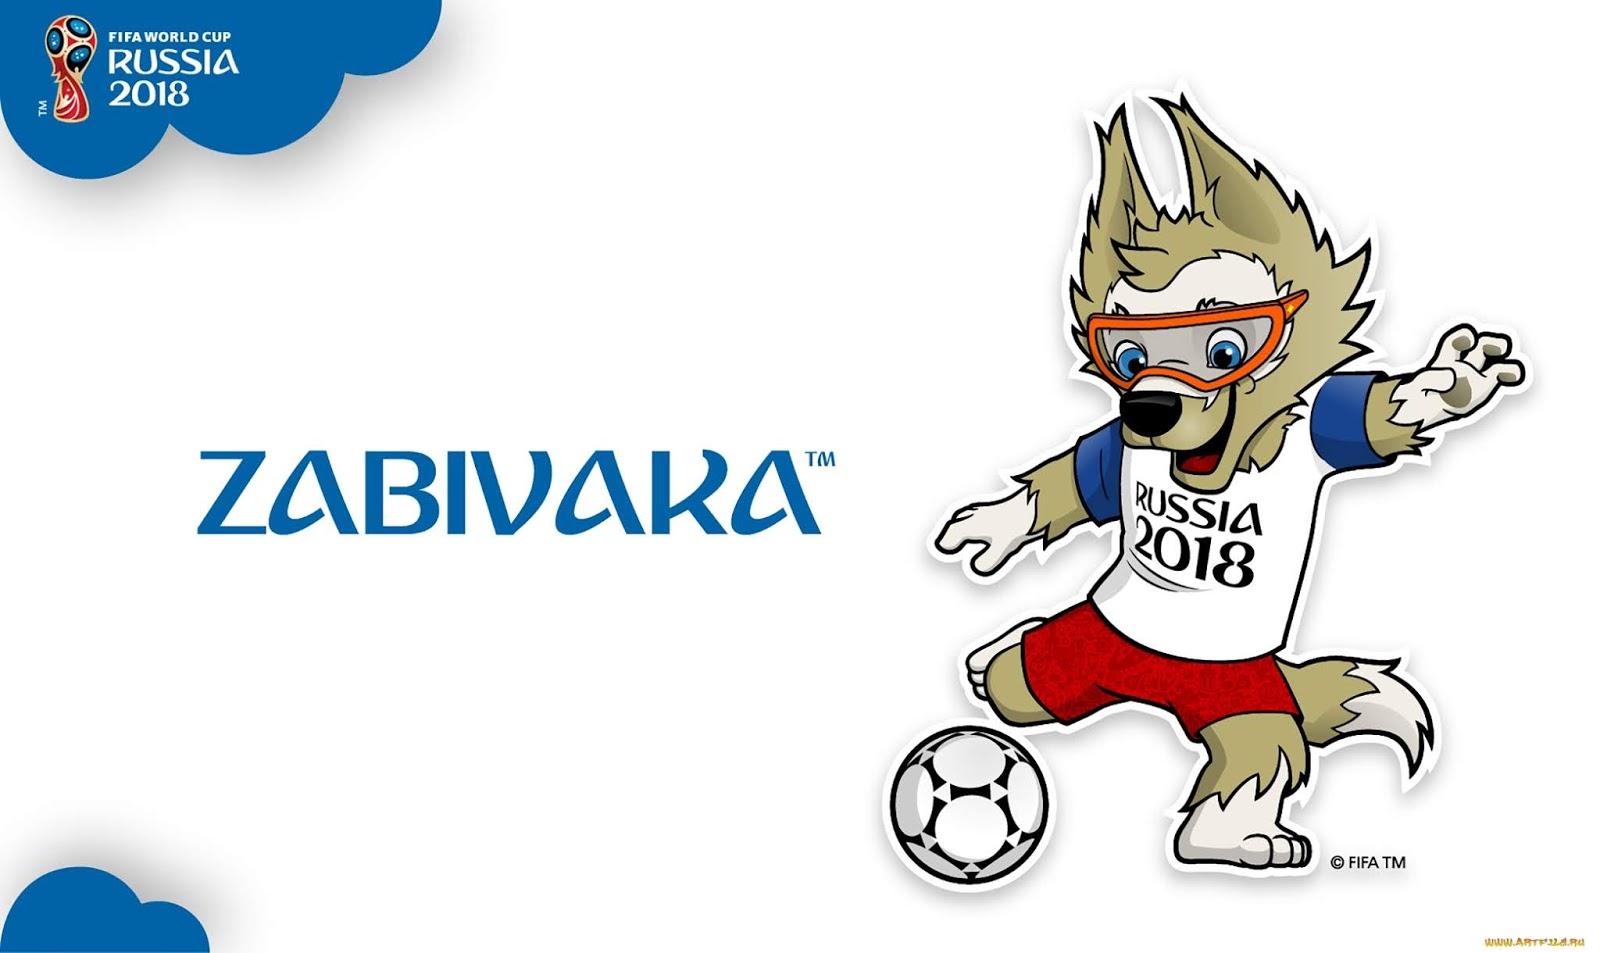 Mascota Mundial de futbol Rusia 2018 Zabivaka. El lobo Zabivaka.